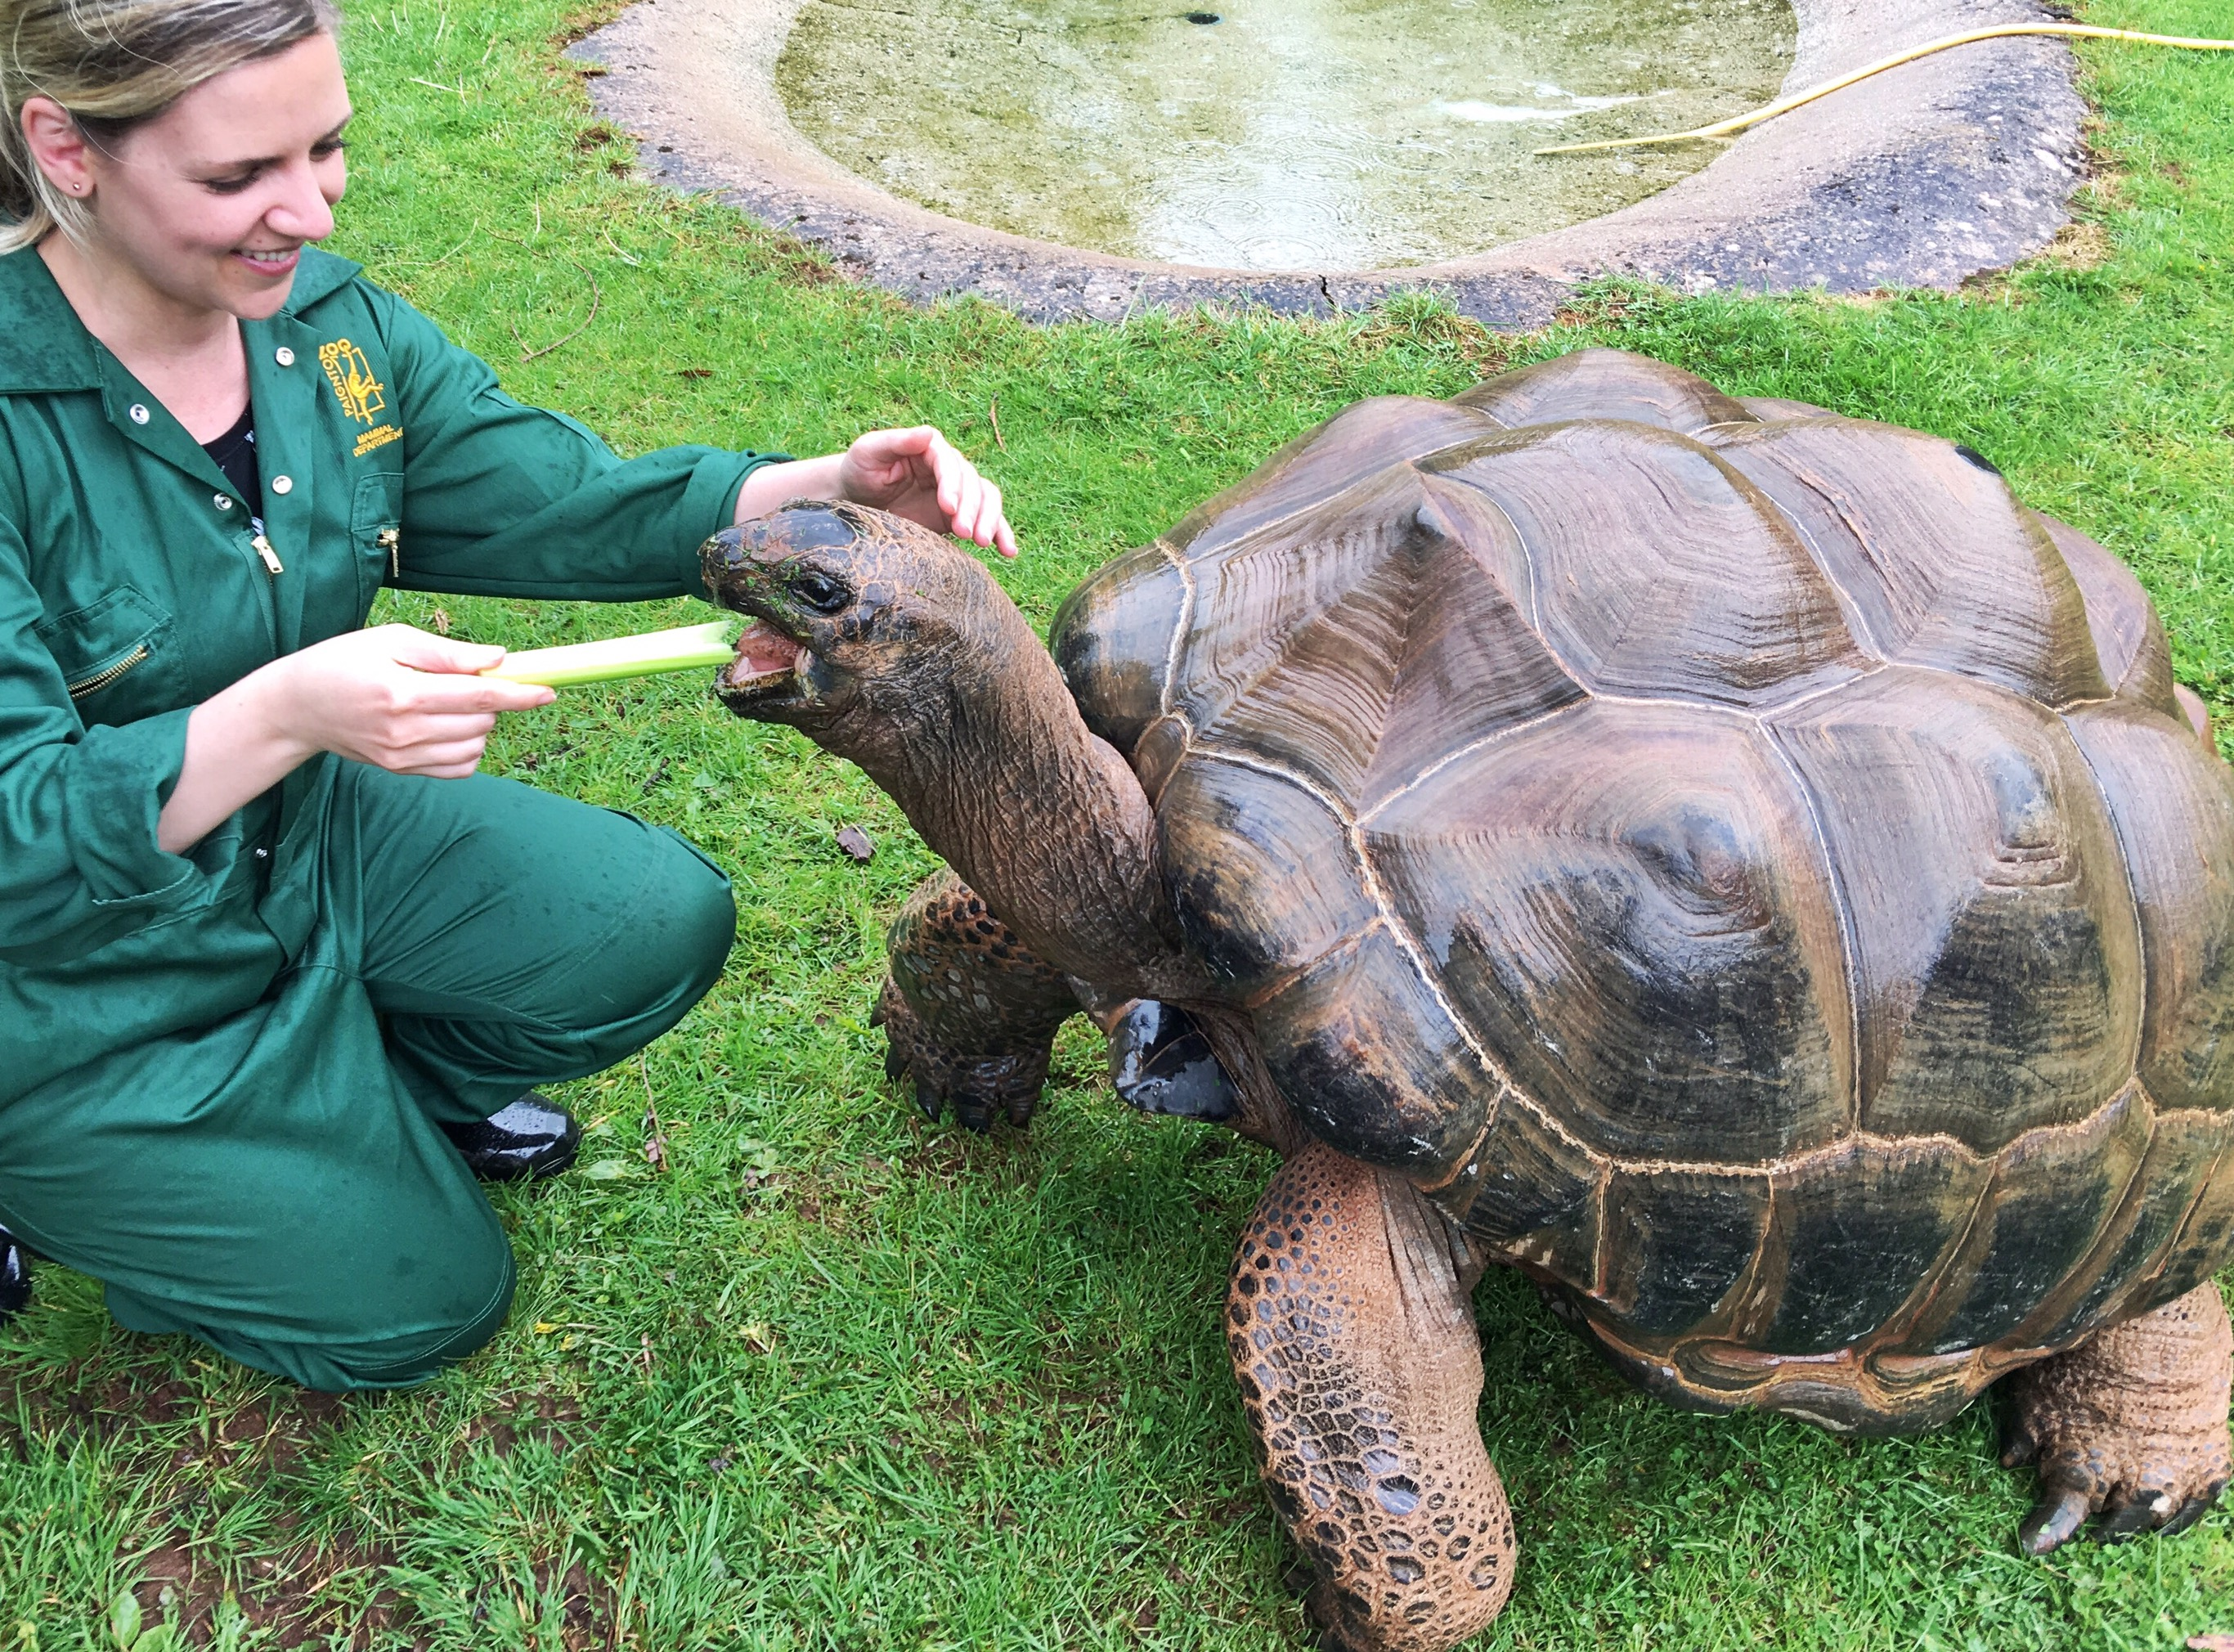 Dando de comer a las tortugas gigantes del zoo de Paignton